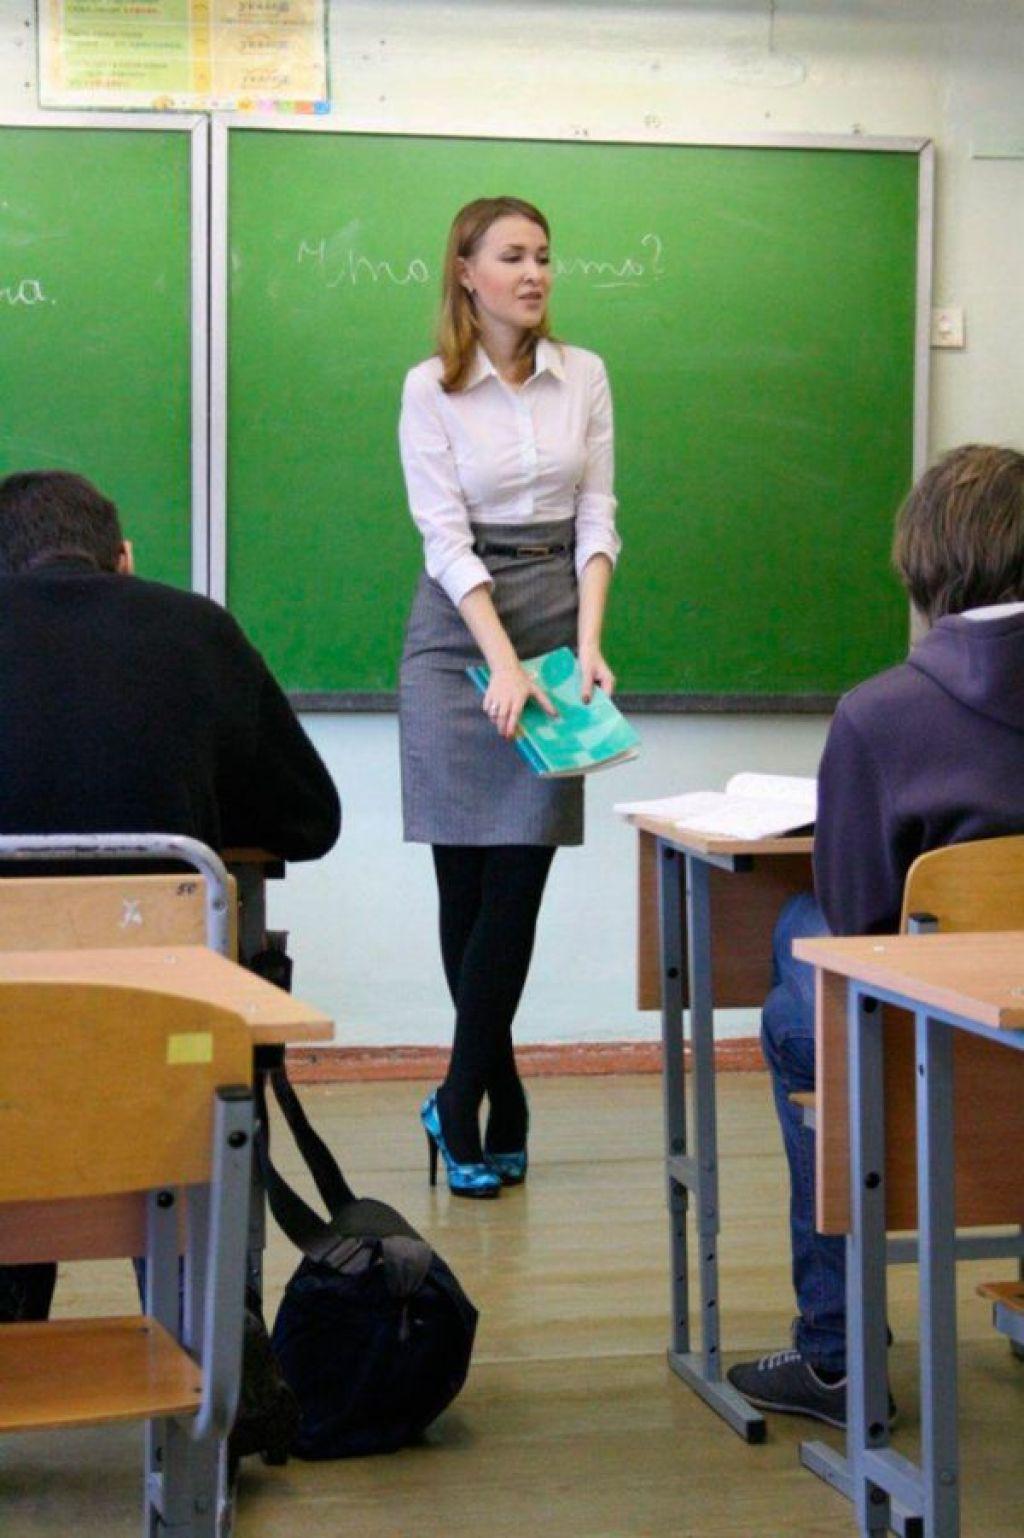 【即ハボ】飢えた男子生徒にオカズにされる、刺激が強すぎる海外の女教師をご覧ください・・・・・・22枚目